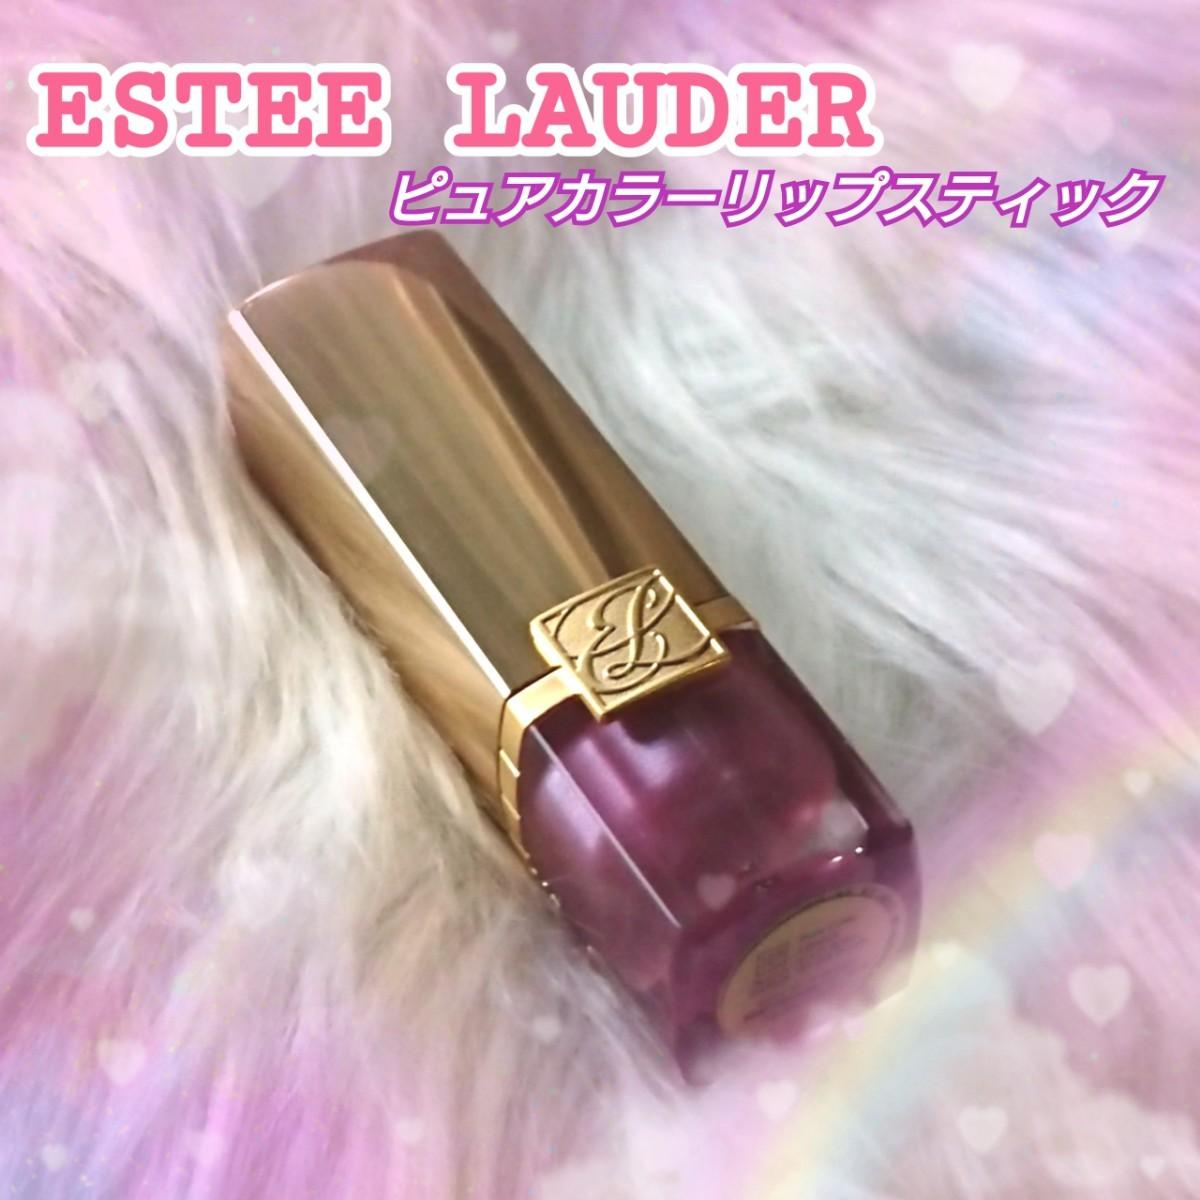 【大人女子】ESTEE LAUDER エスティローダー ピュアカラー リップ  リップスティック